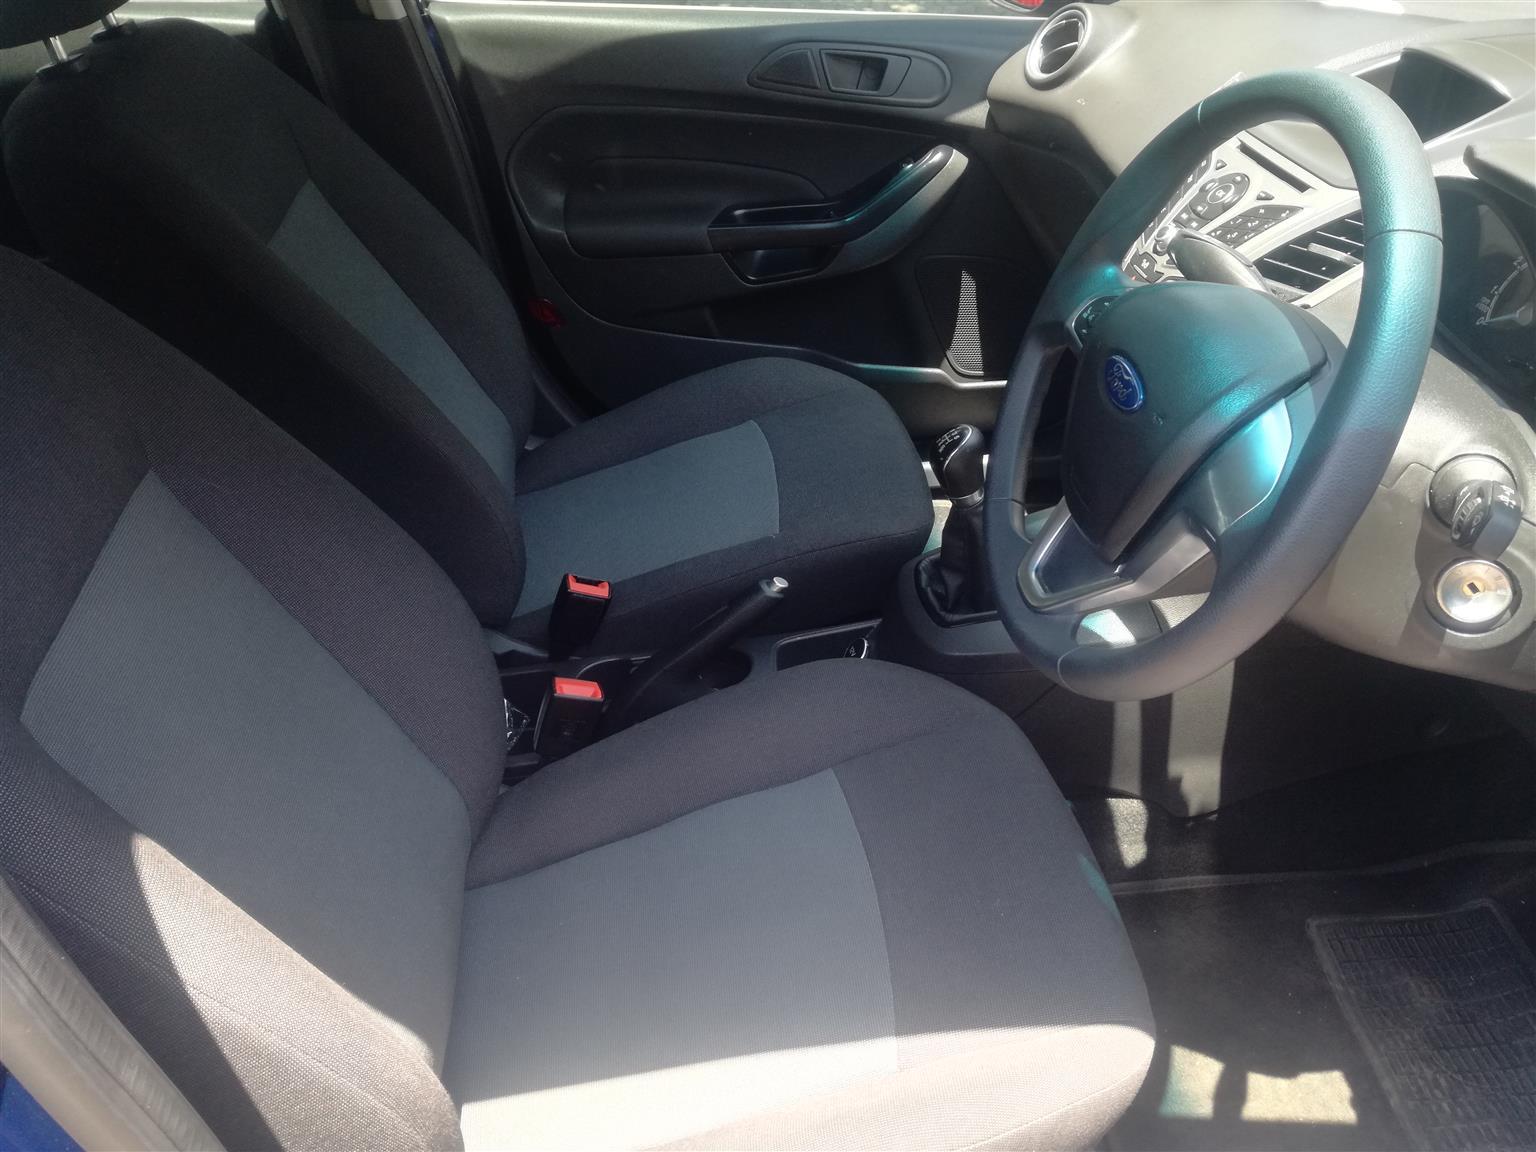 2017 Ford Fiesta 5 door 1.5TDCi Ambiente